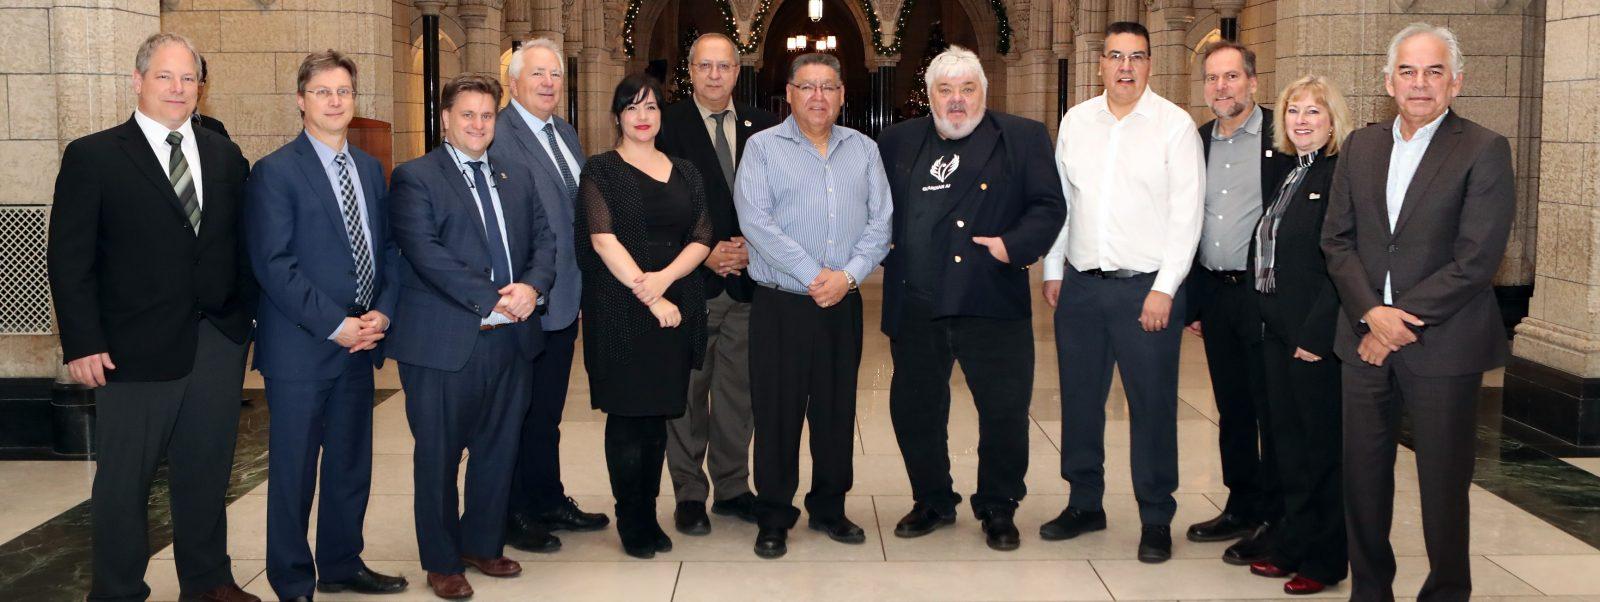 Le Comité des transports convoque Randy Jones